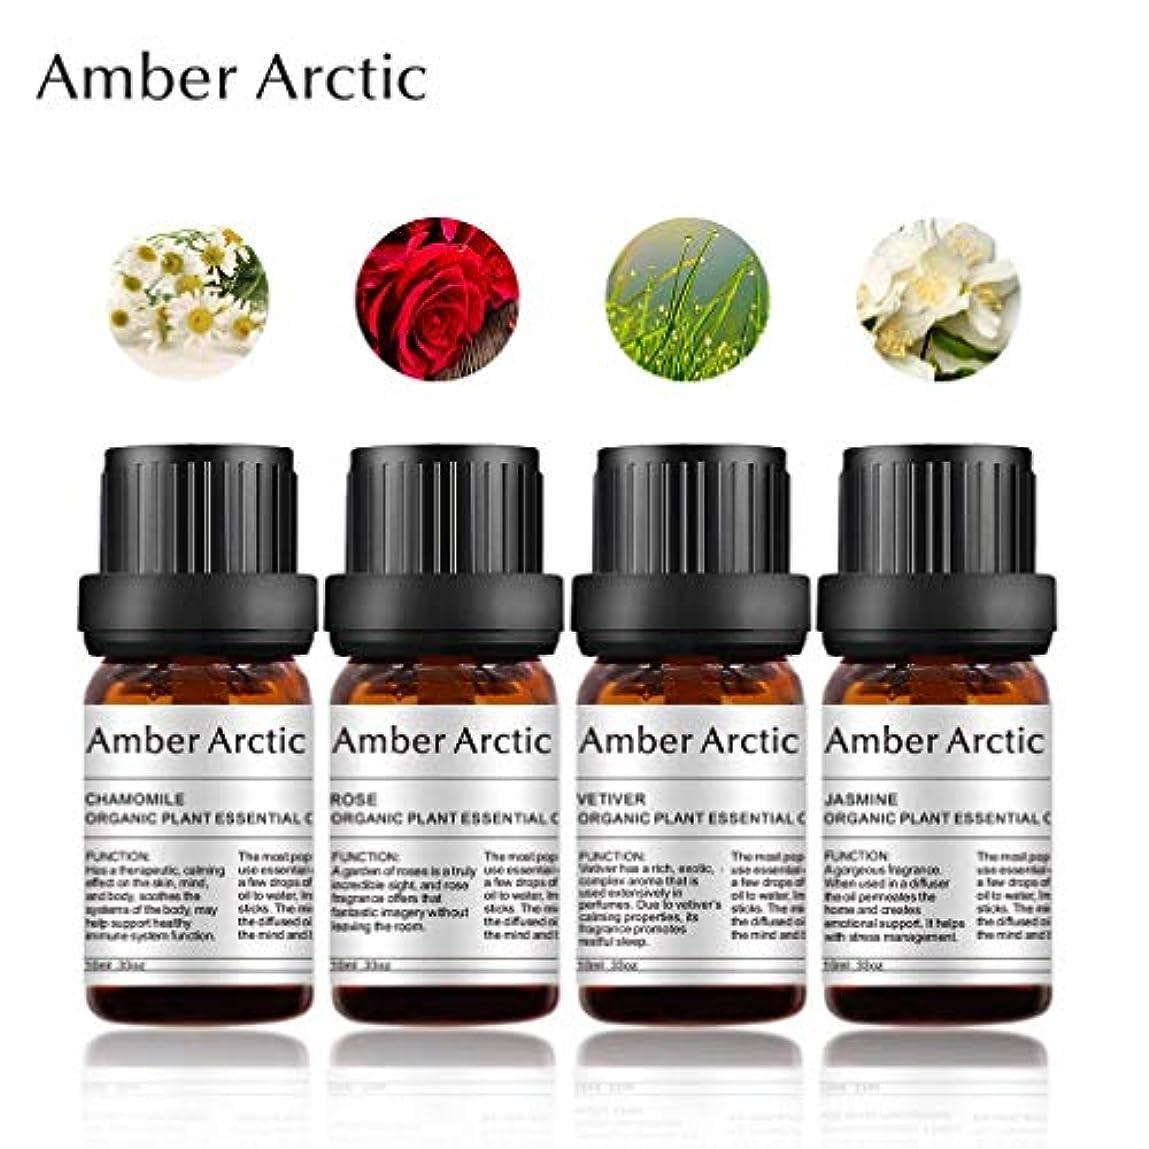 星区別音声Amber Arctic 4 パック 精油 セット、 100% 純粋 天然 アロマ 最良 治療 グレード エッセンシャル オイル (ジャスミン、 ベチバー、 ローズ、 カモミール)